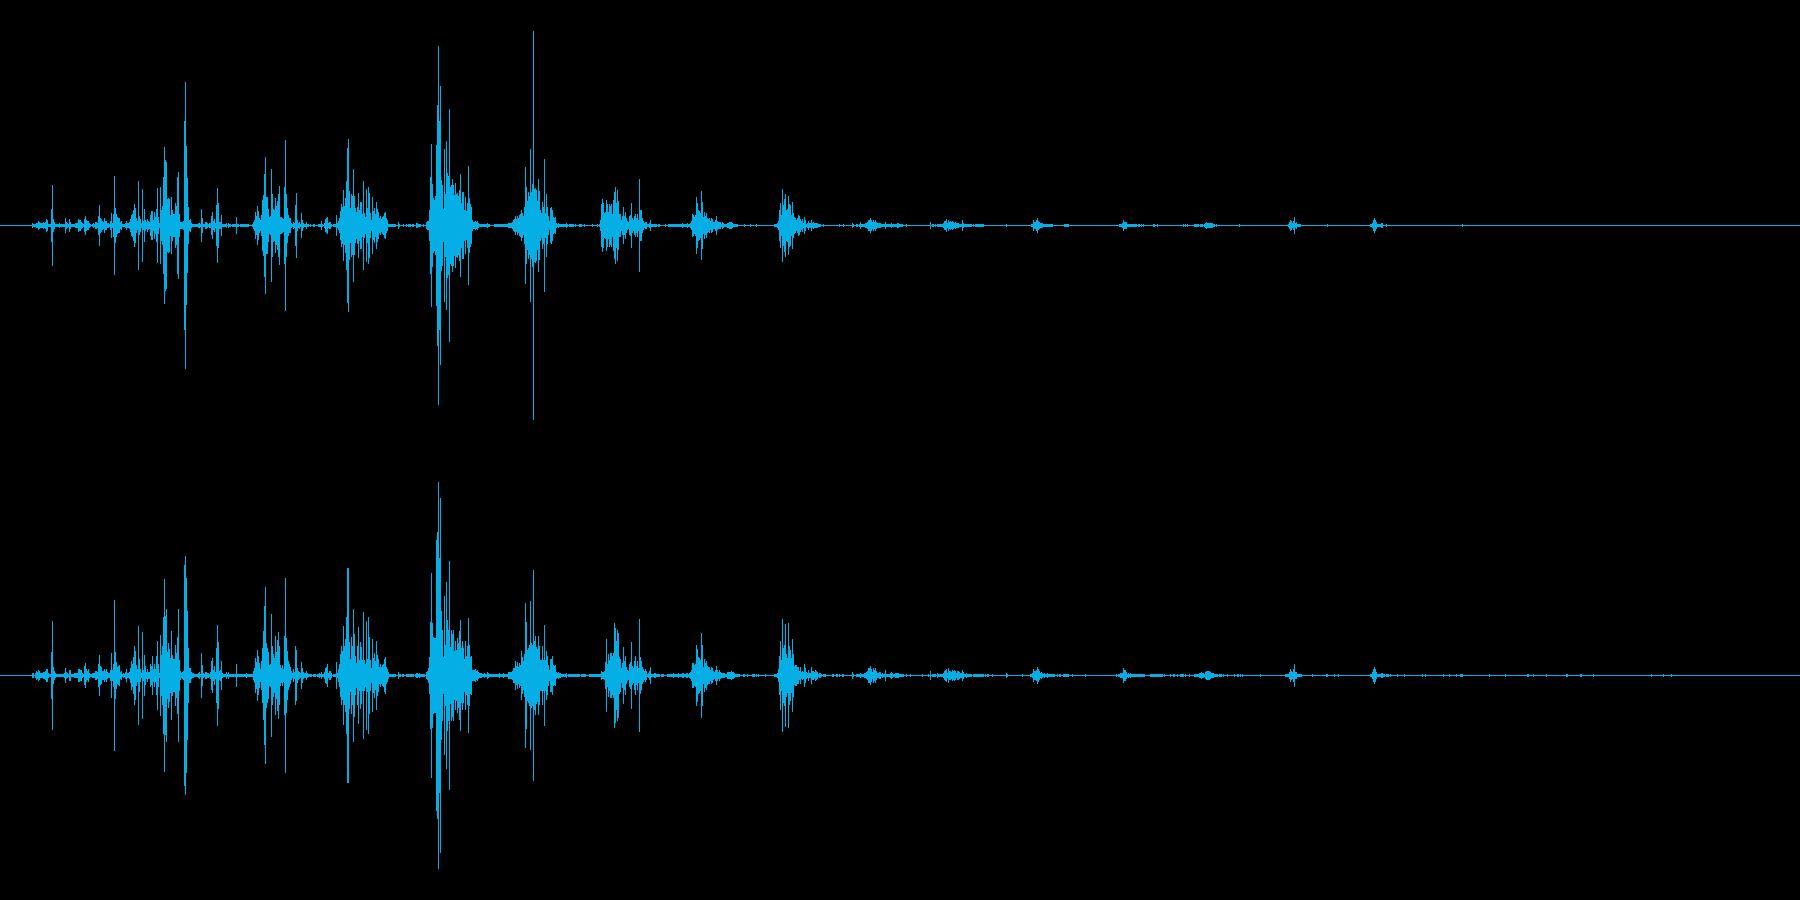 咀嚼音/カリカリ/ASMR/スナック菓子の再生済みの波形